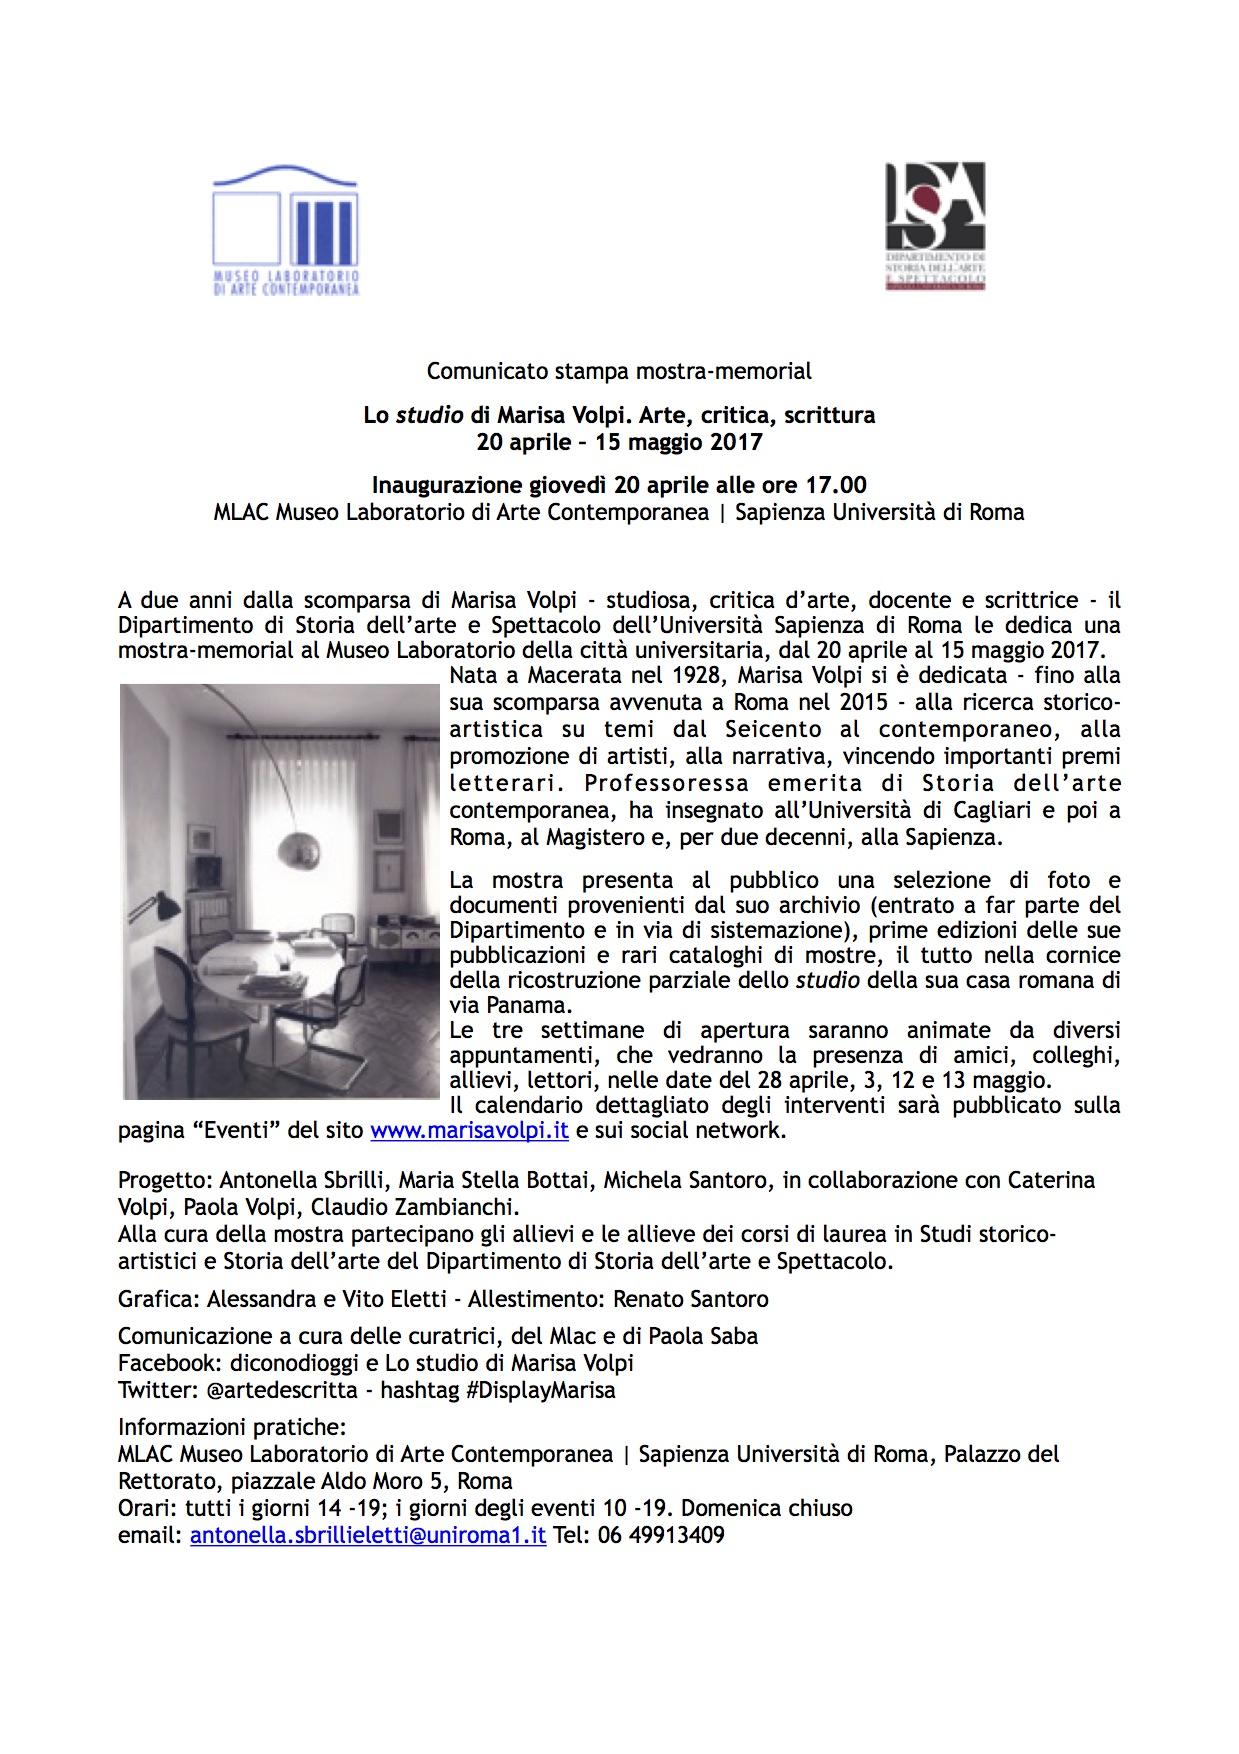 Comunicato stampa Lo studio di Marisa Volpi Mlac Sapienza 20 aprile 2017